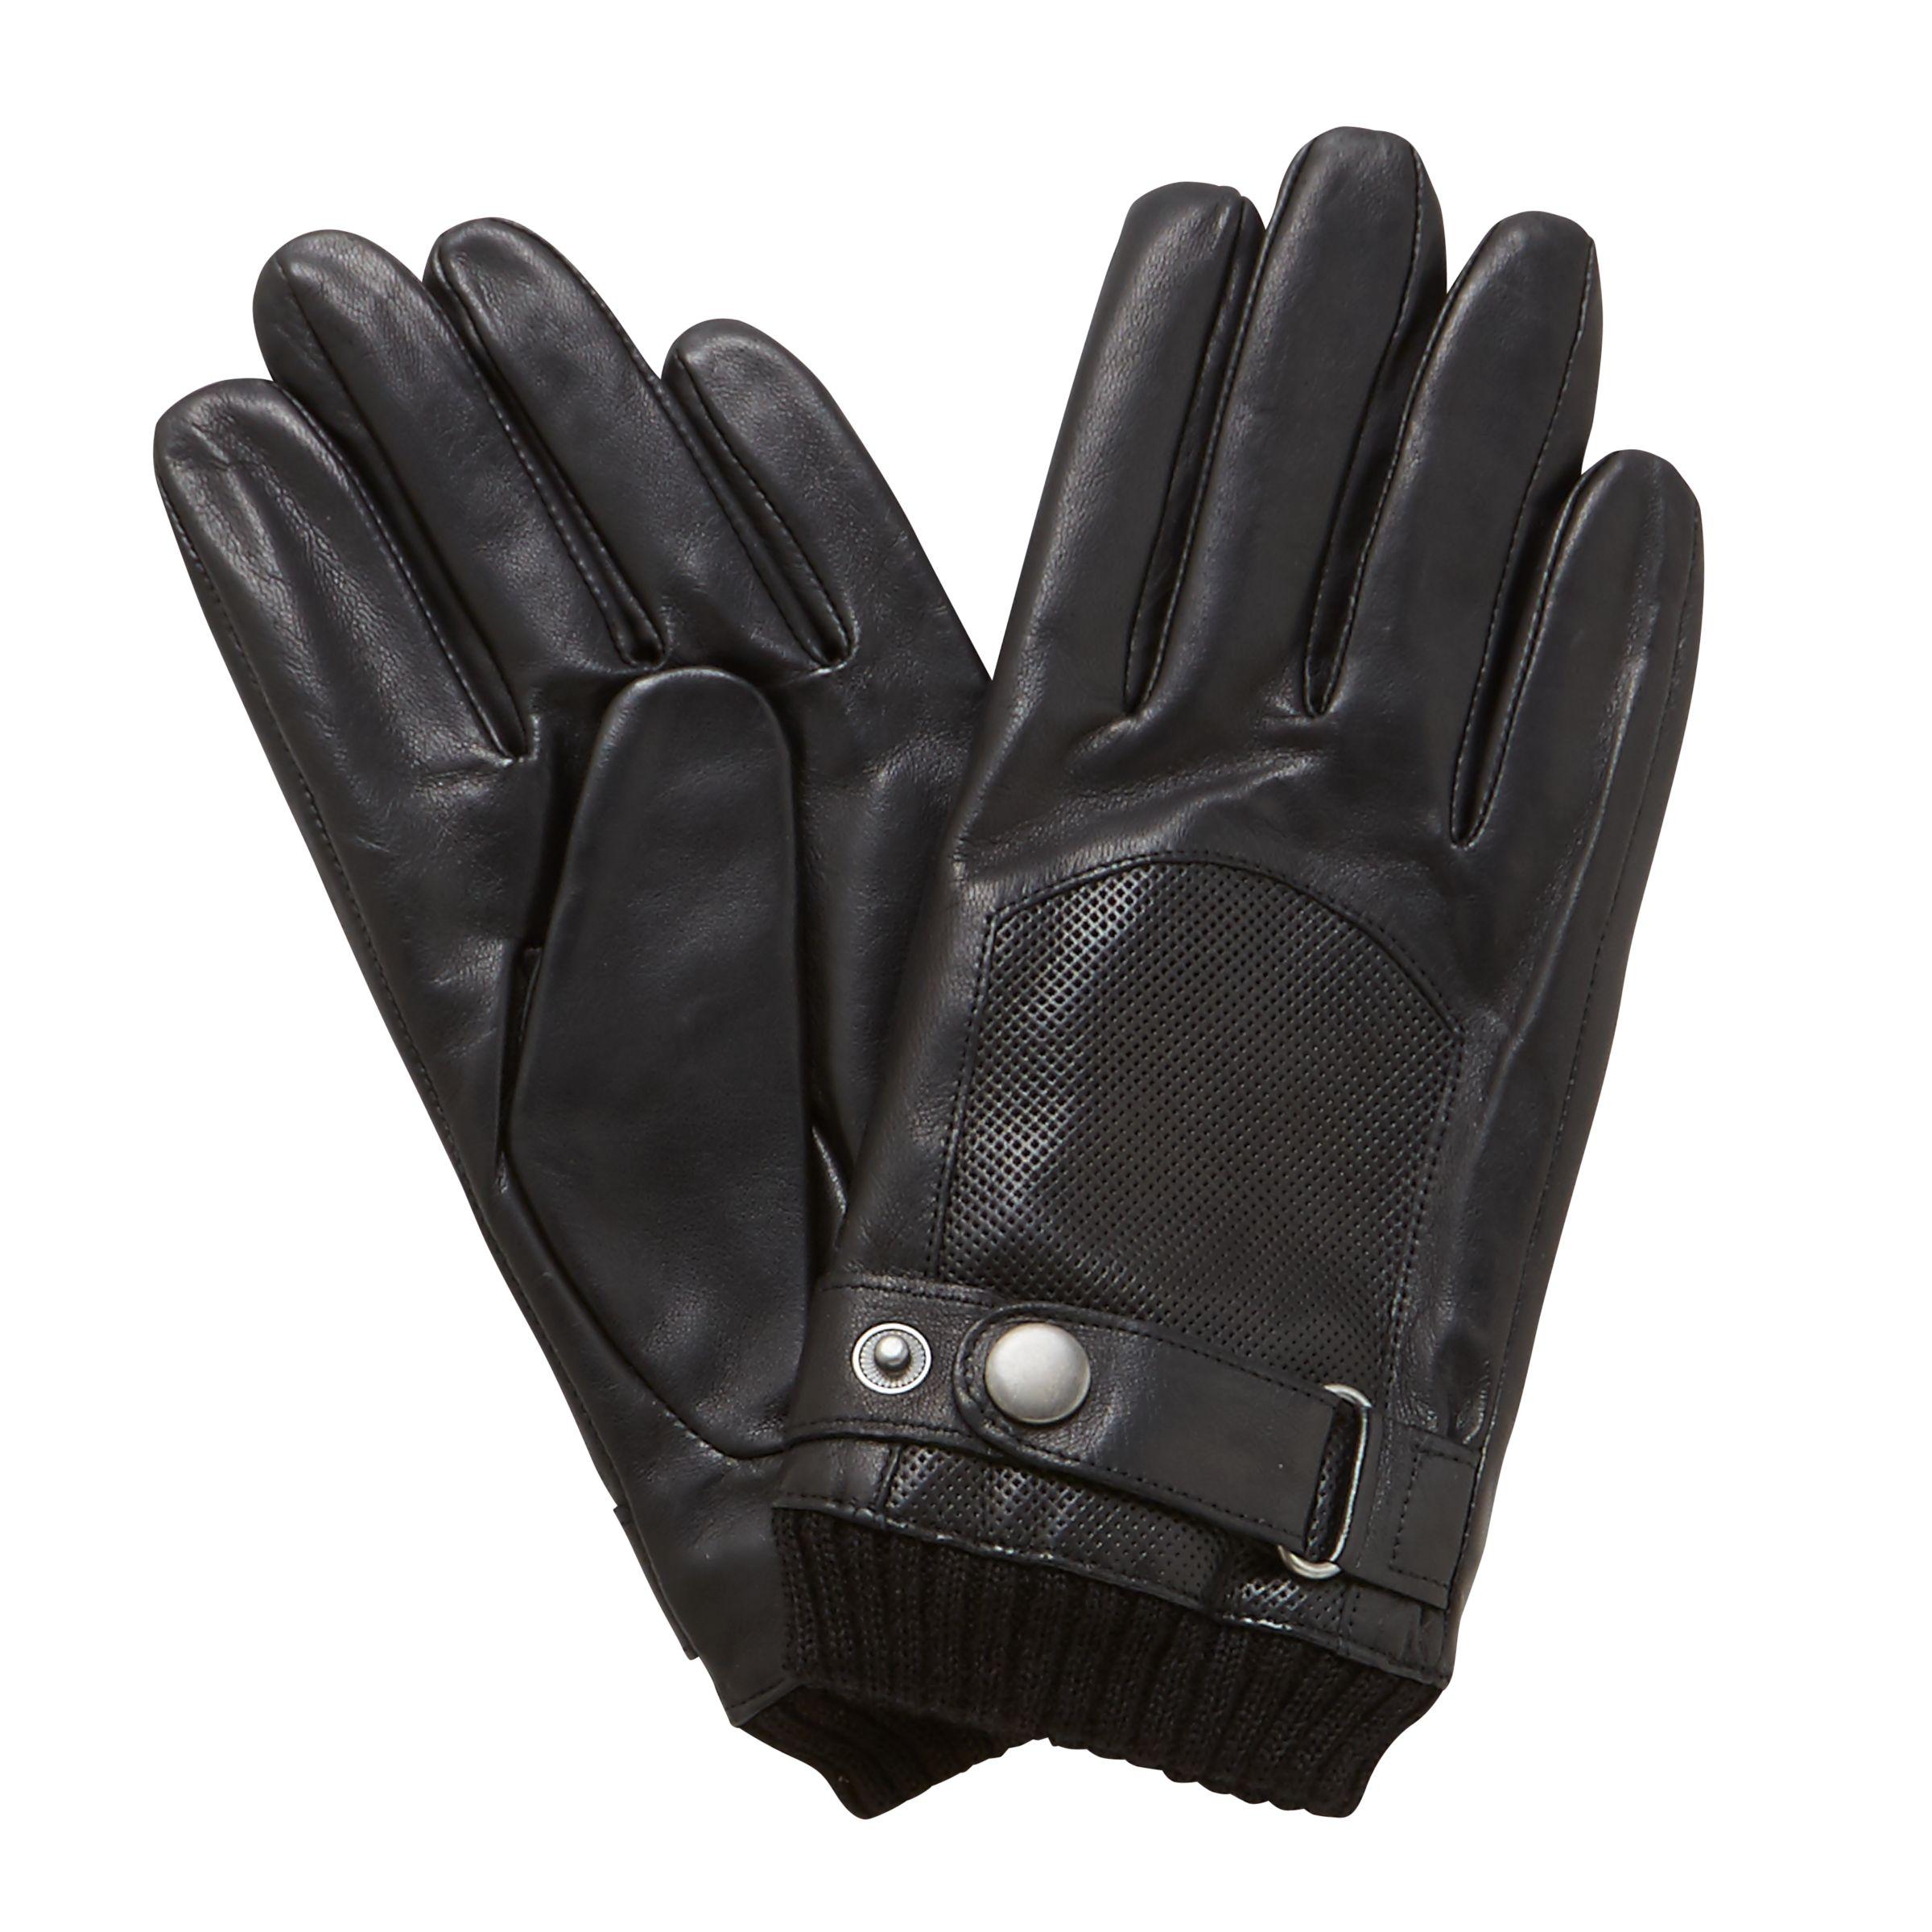 John lewis leather driving gloves - John Lewis Leather Driving Gloves 4